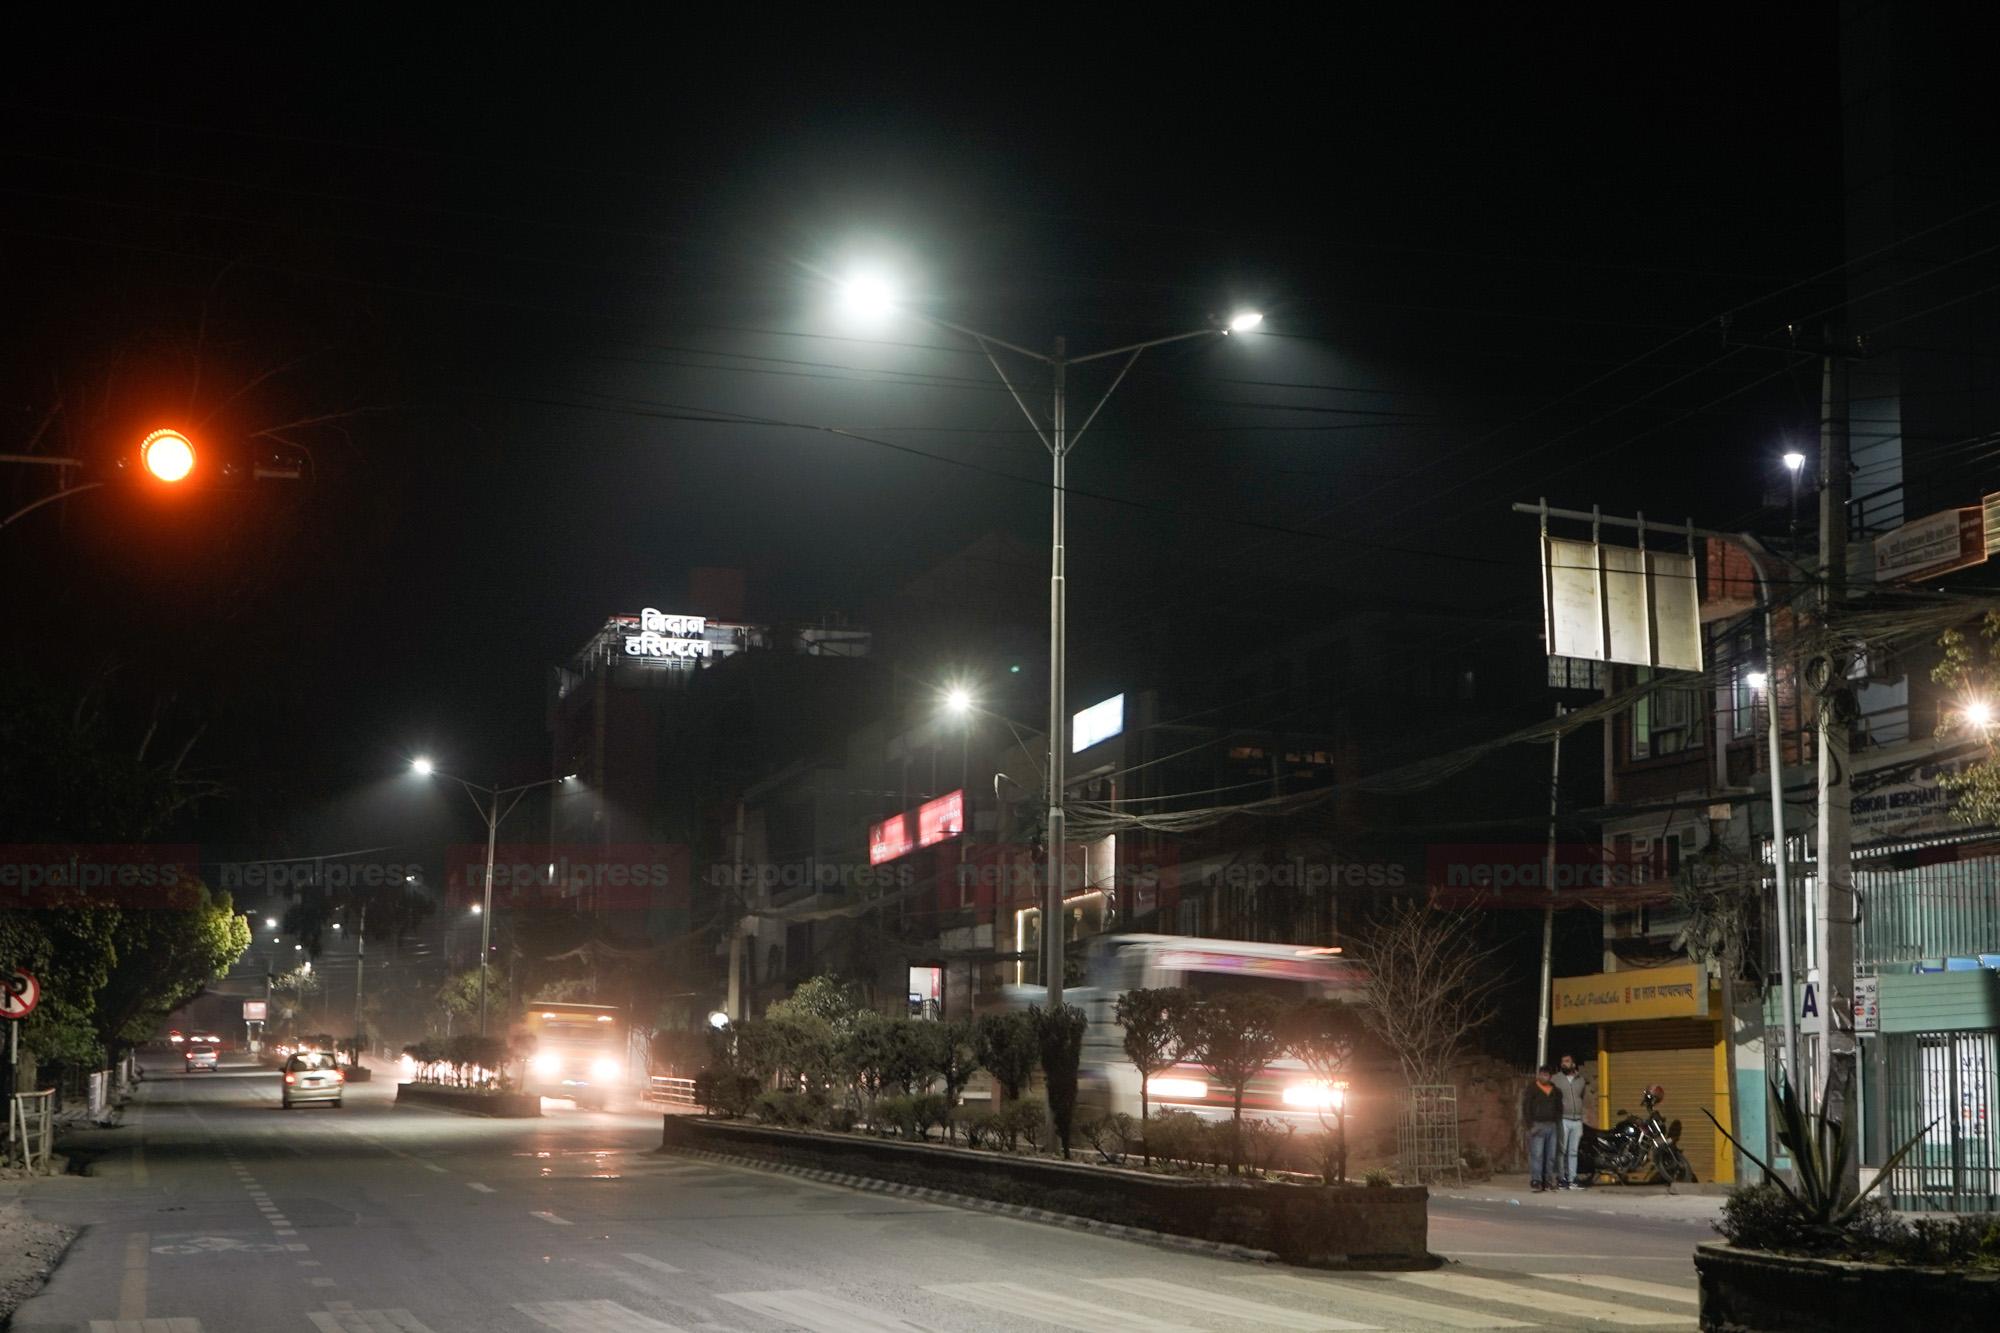 अब देशैभरका शहरमा 'स्मार्ट लाइट': आवश्यकताअनुसार आफैं चम्कन्छ, बाल्न–निभाउन नपर्ने